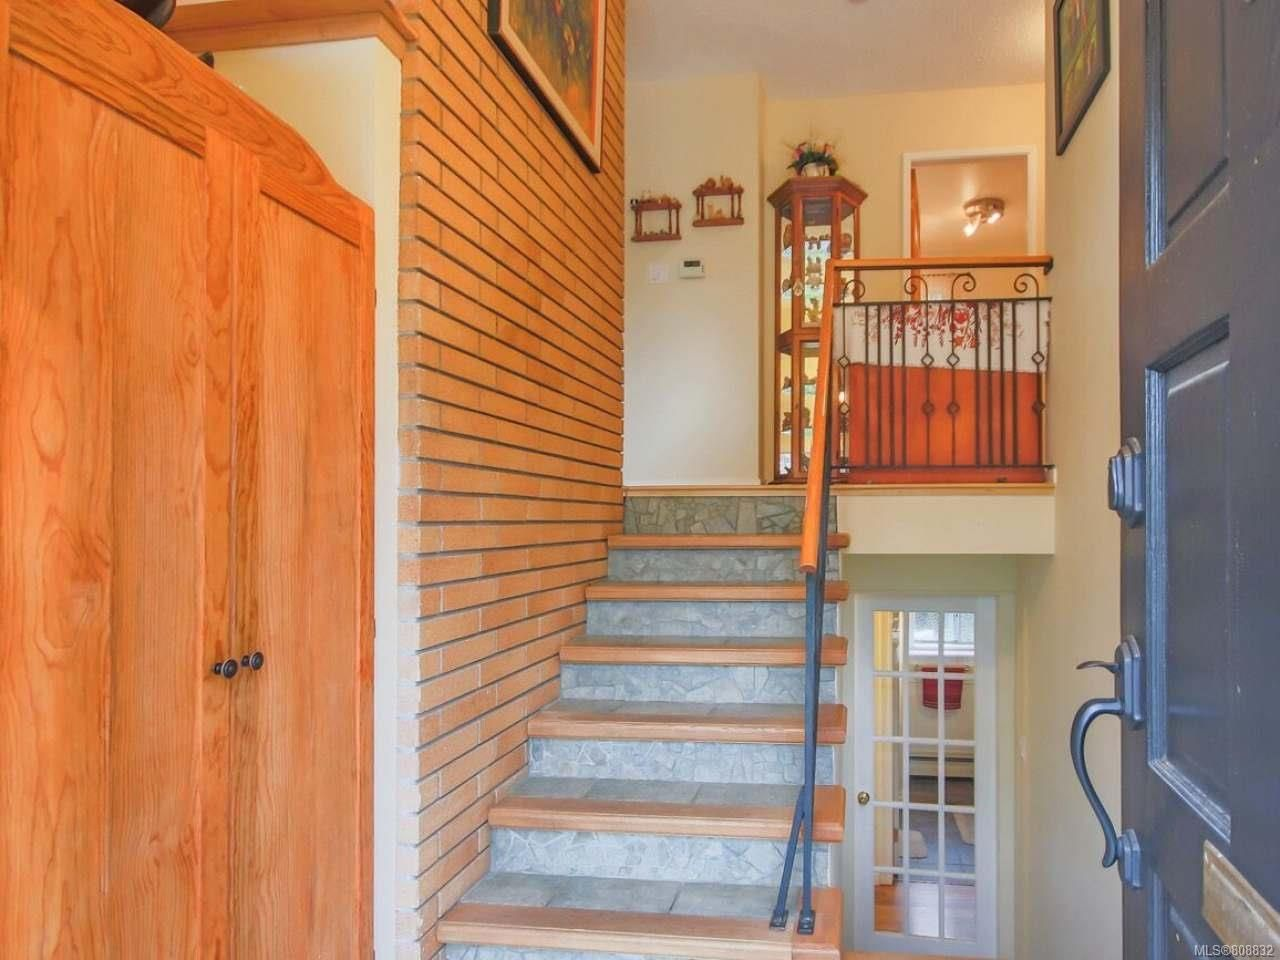 Photo 15: Photos: 5407 Lost Lake Rd in NANAIMO: Na North Nanaimo House for sale (Nanaimo)  : MLS®# 808832